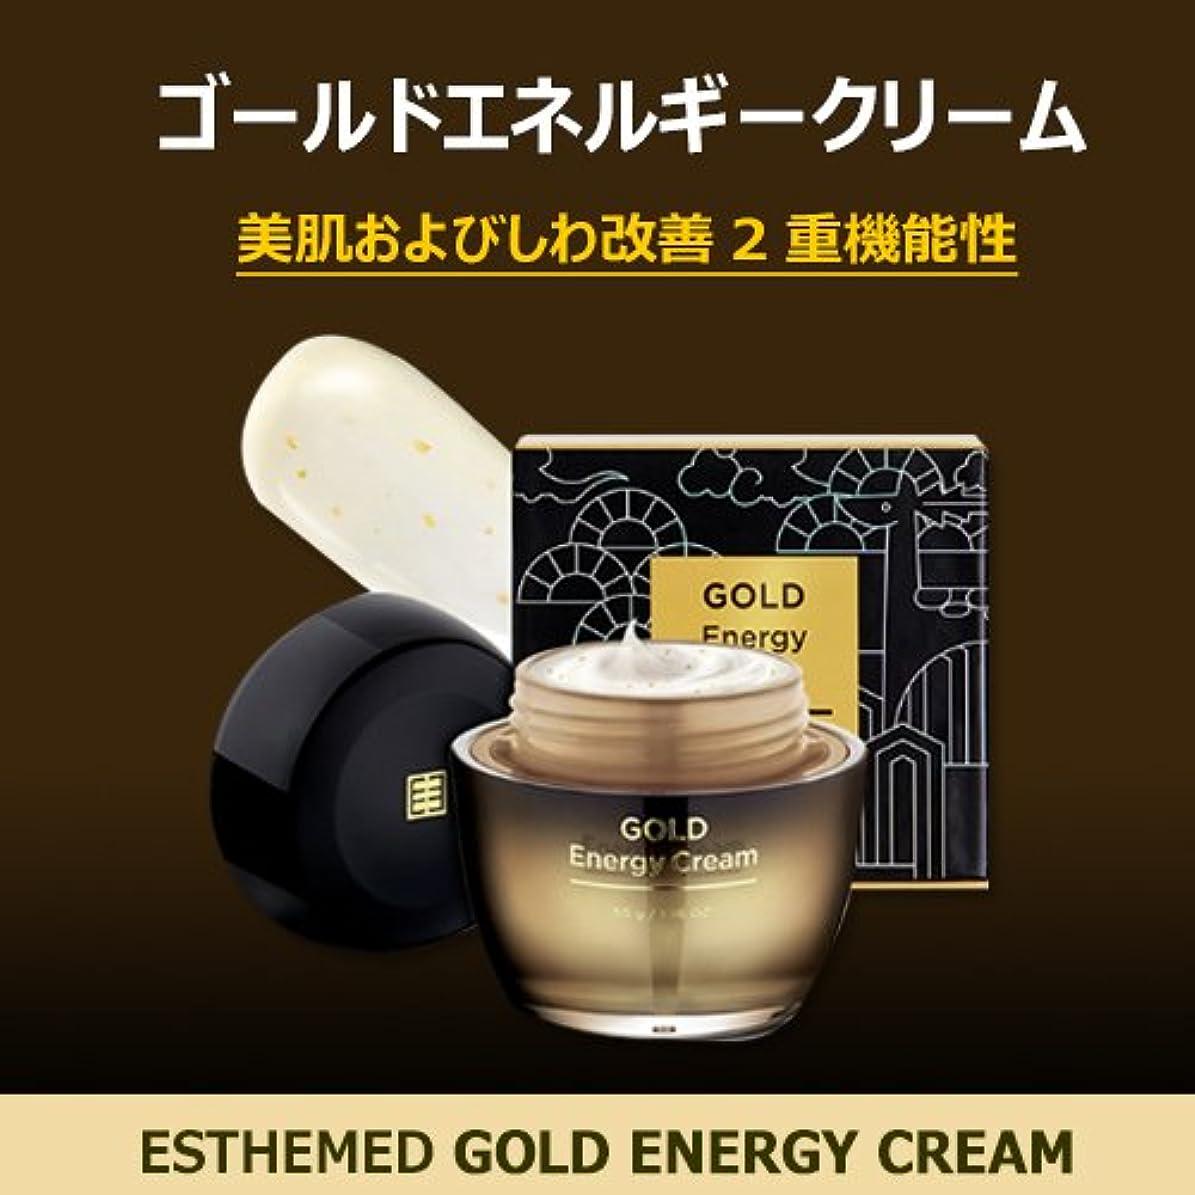 地域助言パッケージESTHEMED エステメド ゴールド エネルギー クリーム GOLD Energy Cream 50g 【 シワ改善 美肌 保湿 回復 韓国コスメ 】